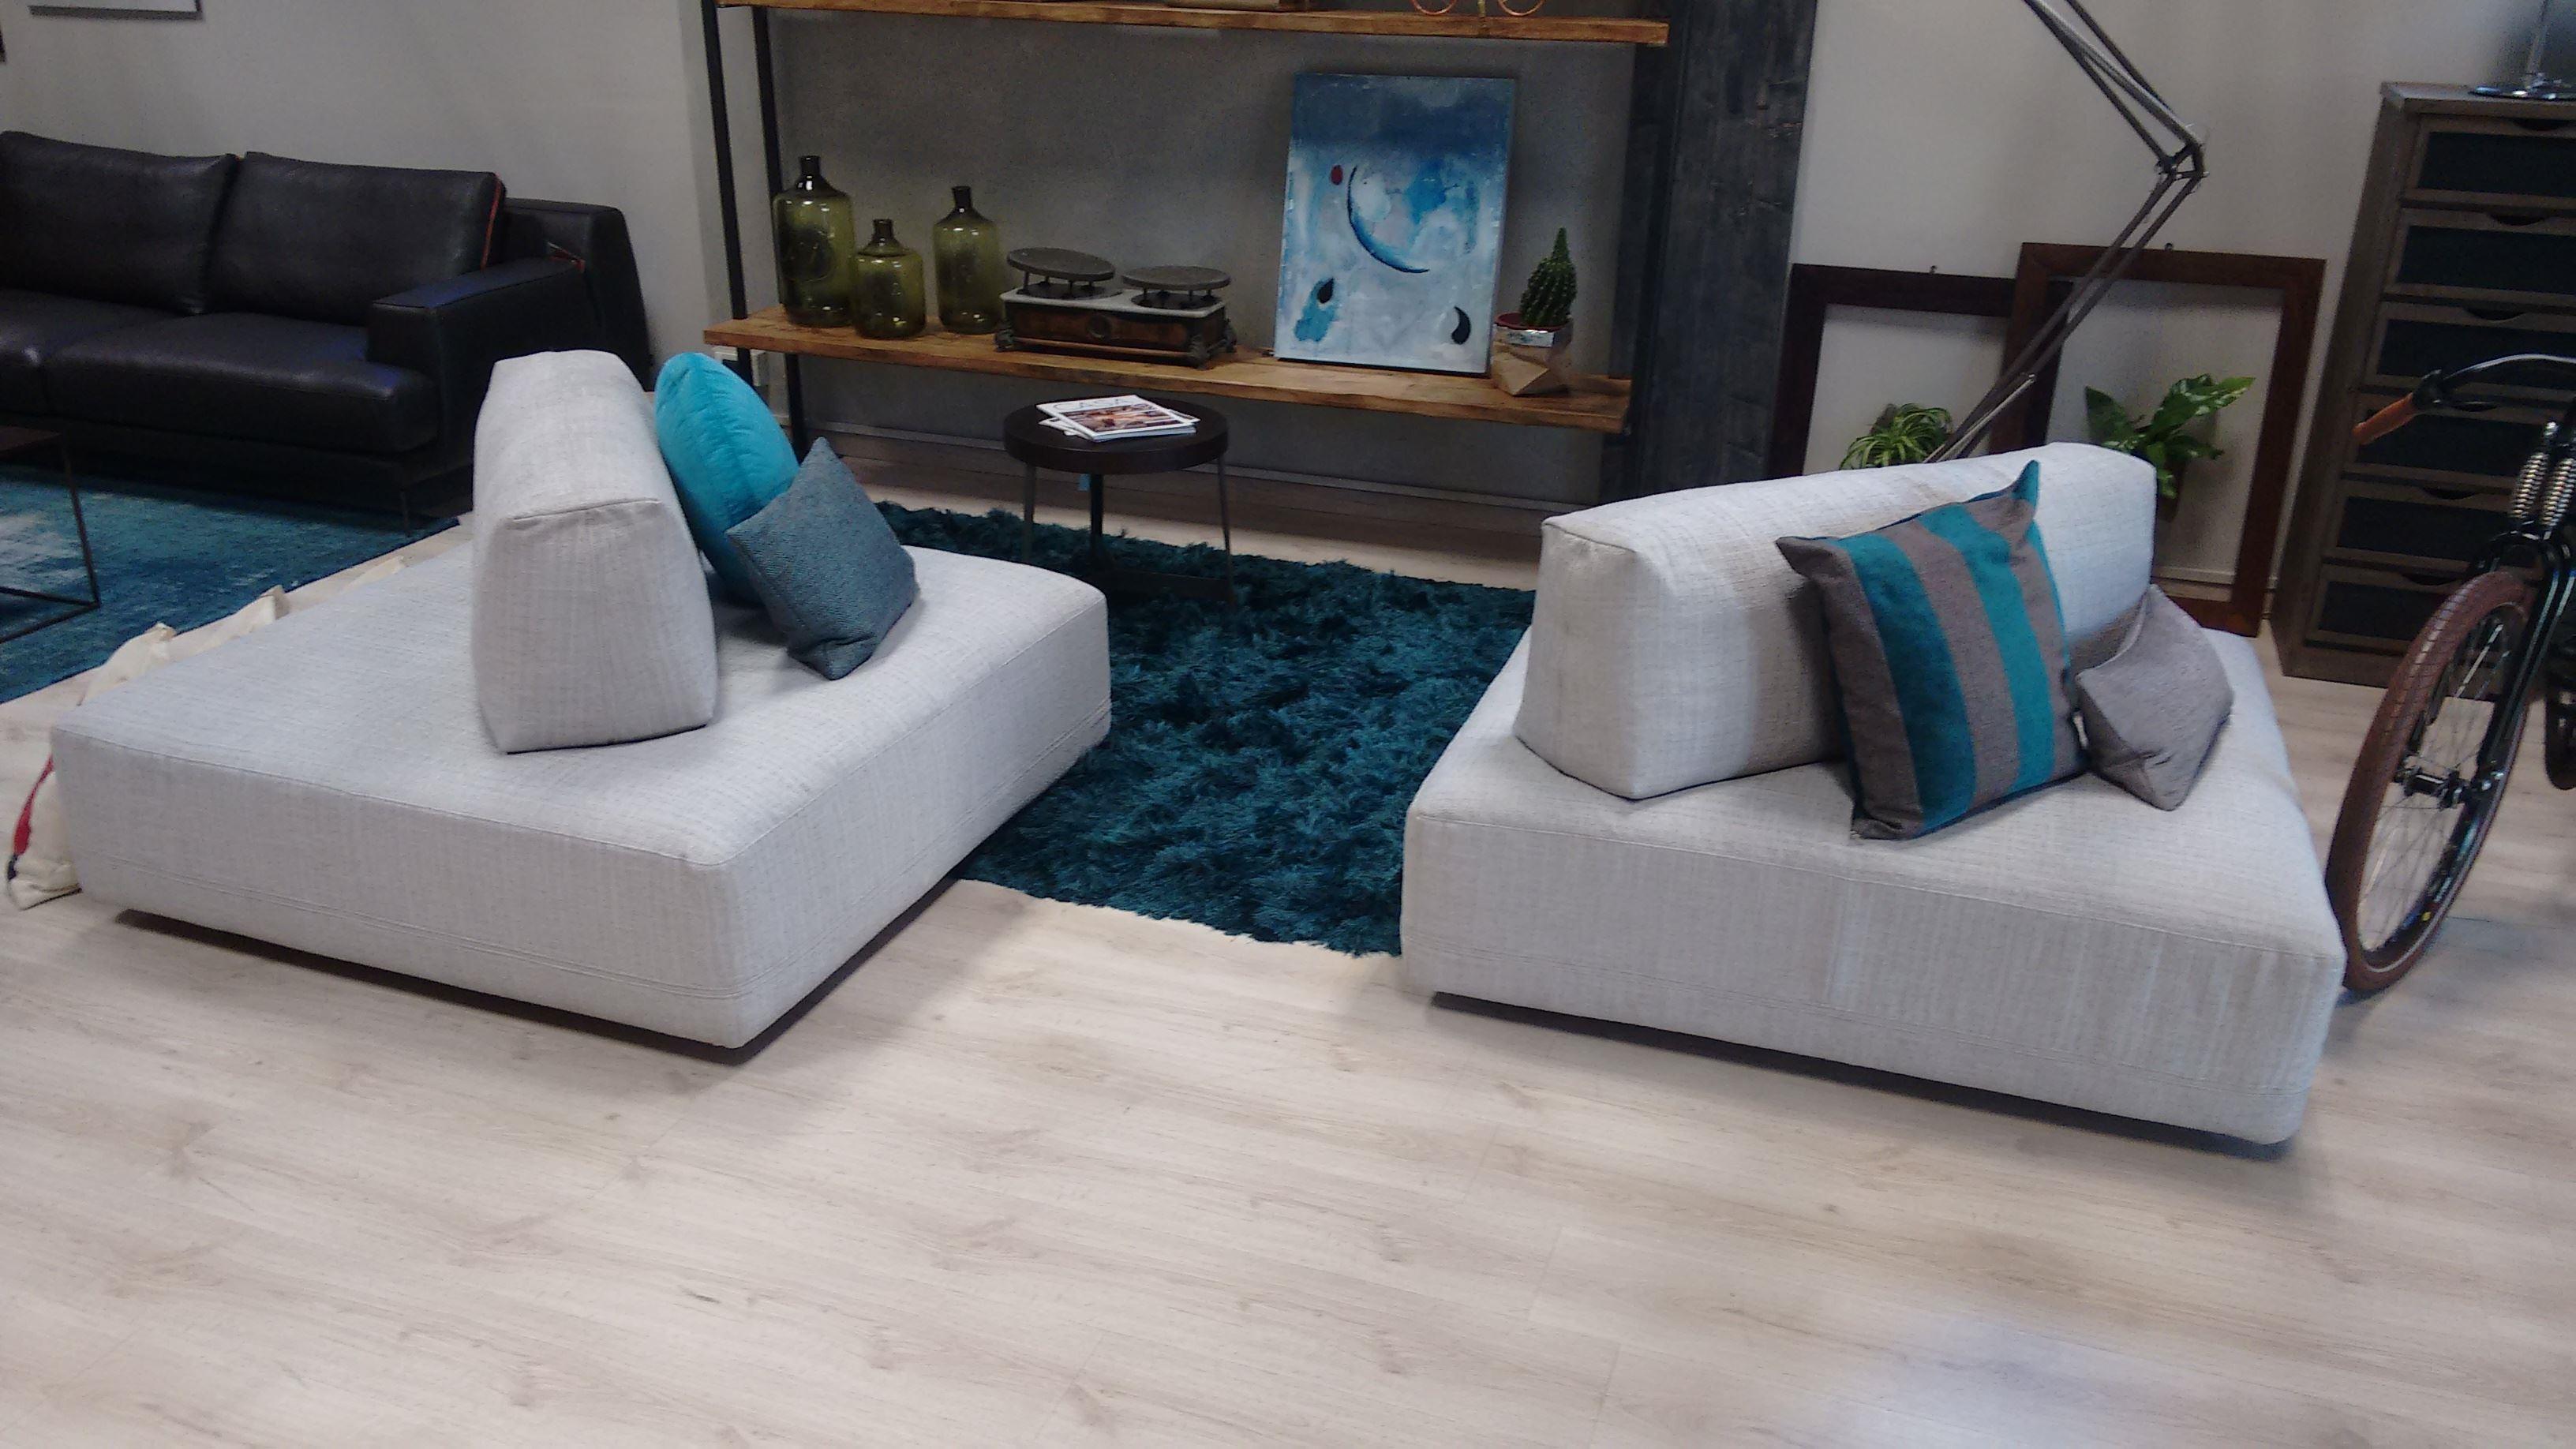 Offerta divano ditre italia mod sanders in tessuto for Divani ditre